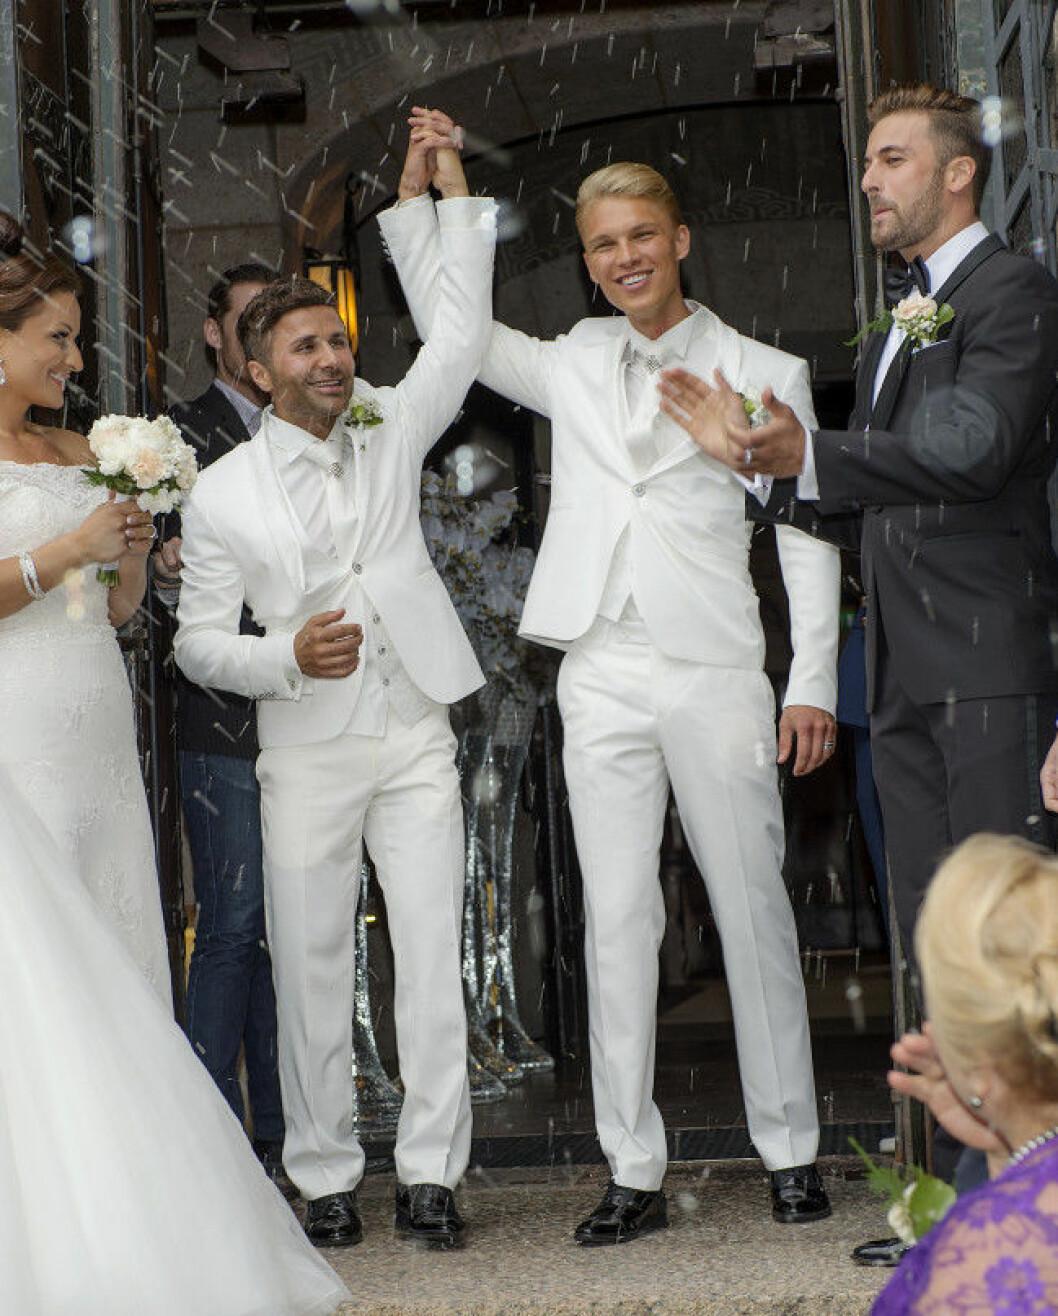 Bobby Oduncu och Jimi Bennet Bobby Oduncus och Jimi Bennets bröllop på Engelbrektskyrkan, Stockholm 16-07-02 Foto ©Eero Hannukainen EEROBILD AB IBL *** Local Caption *** 06586417